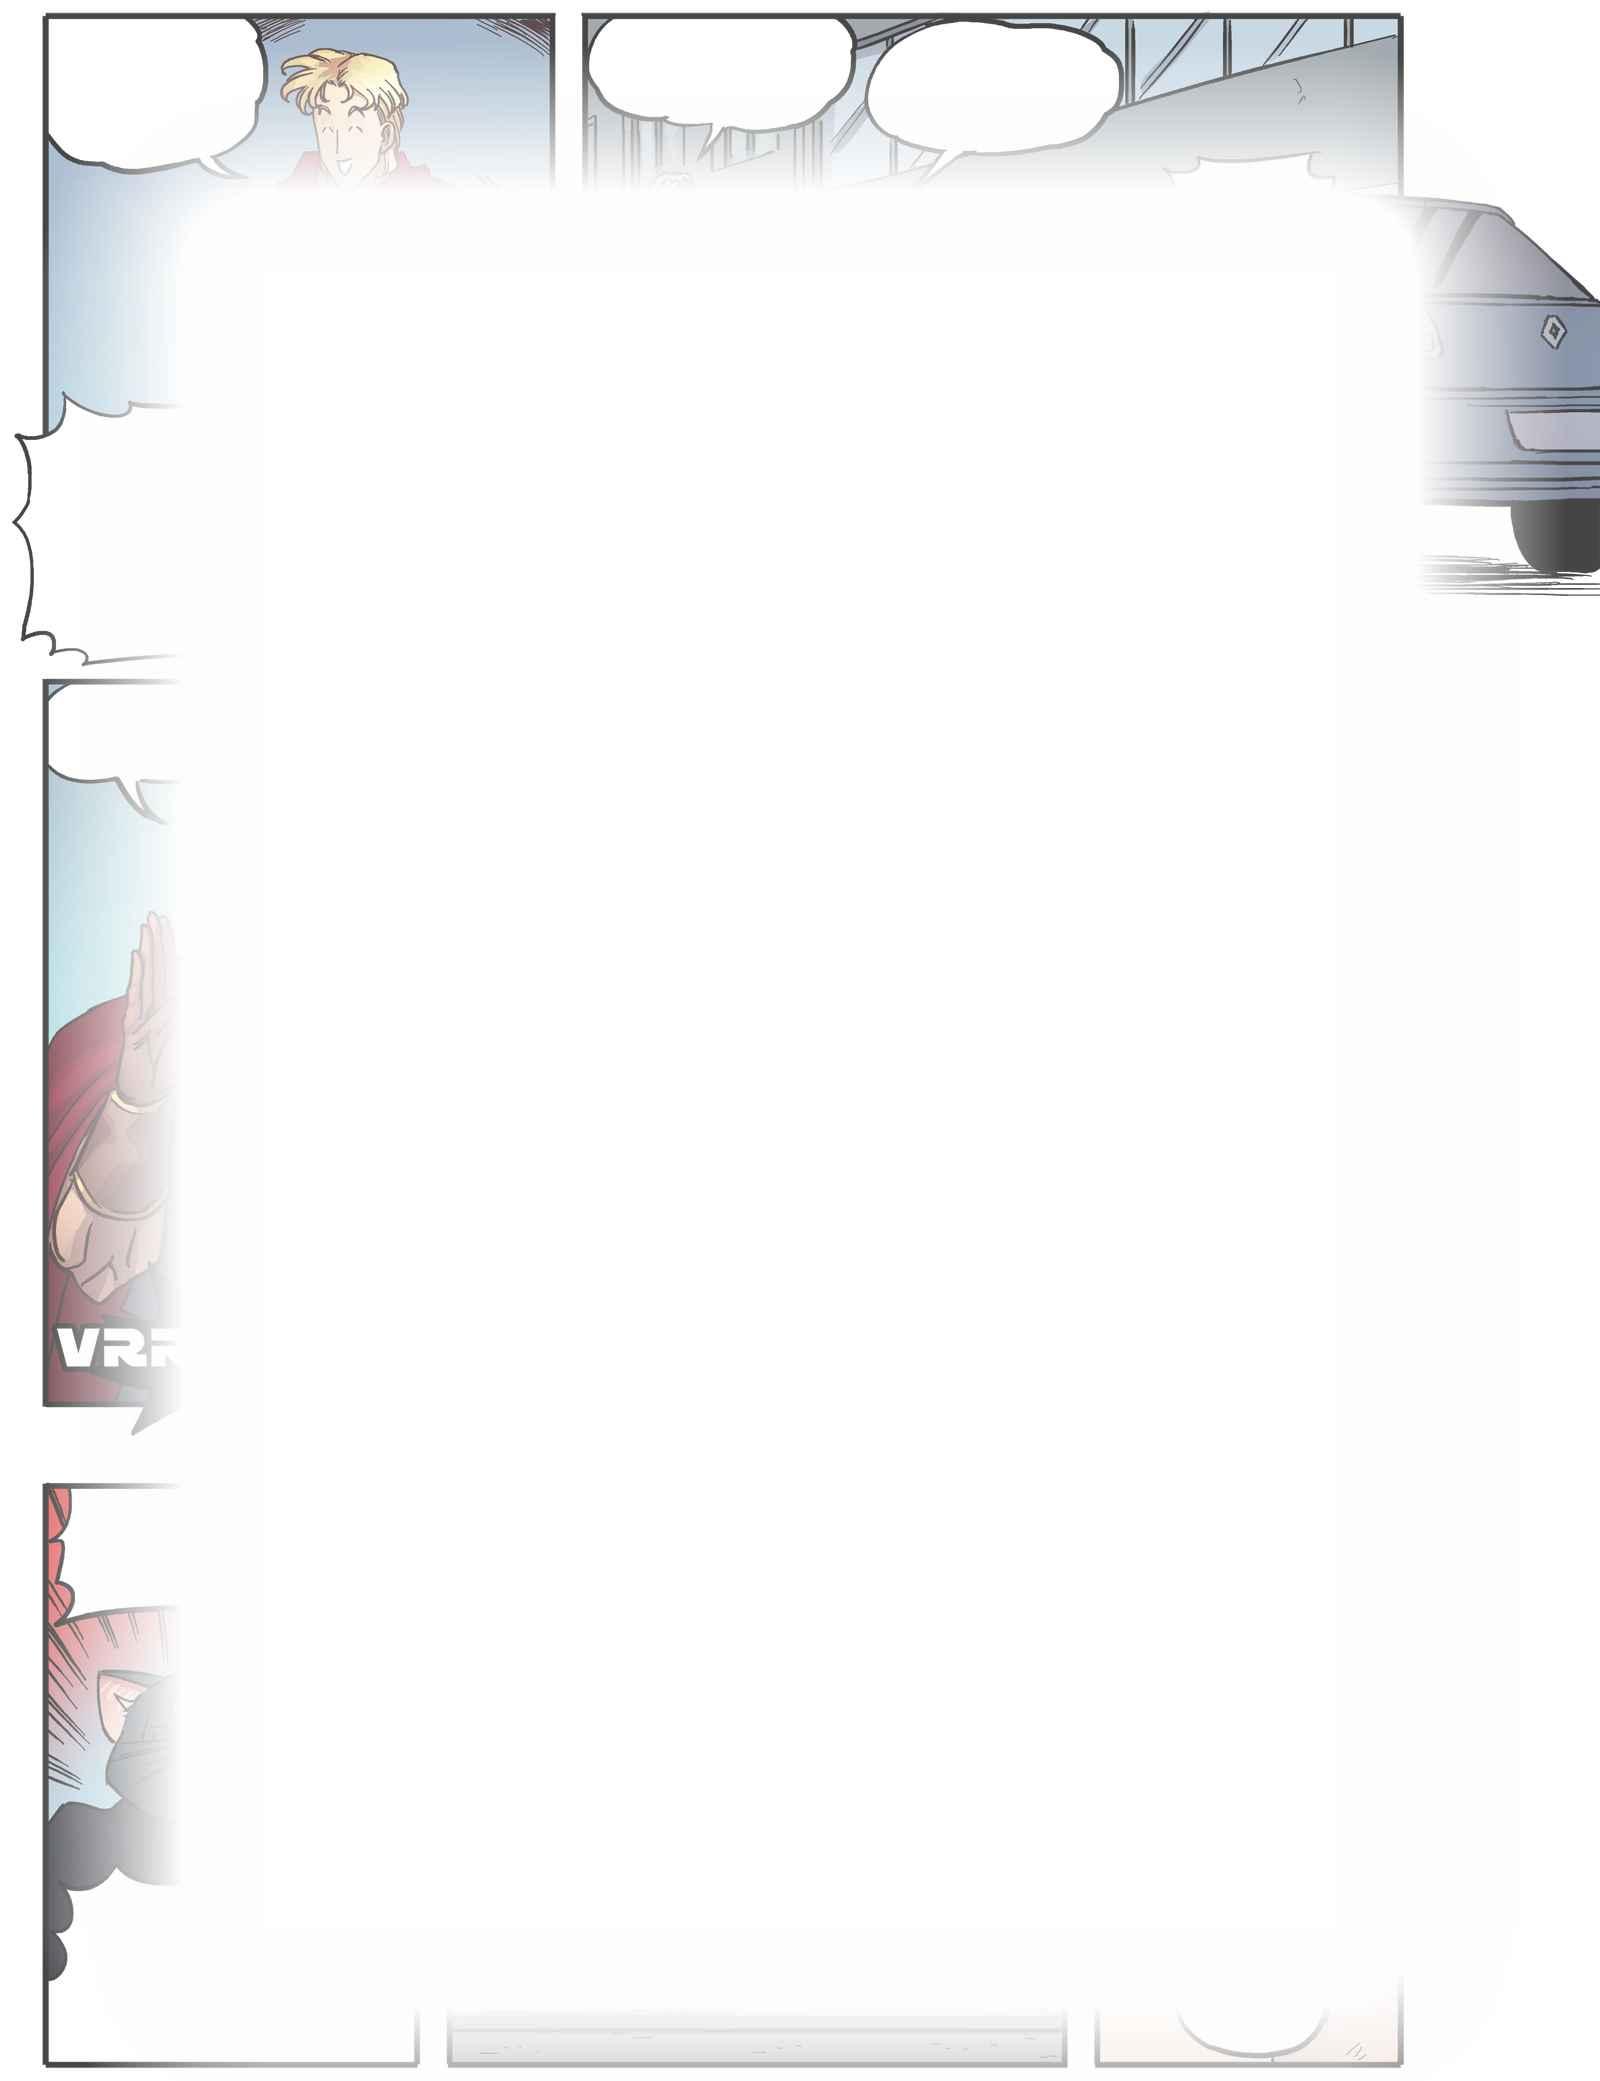 Hemisferios : Capítulo 5 página 6